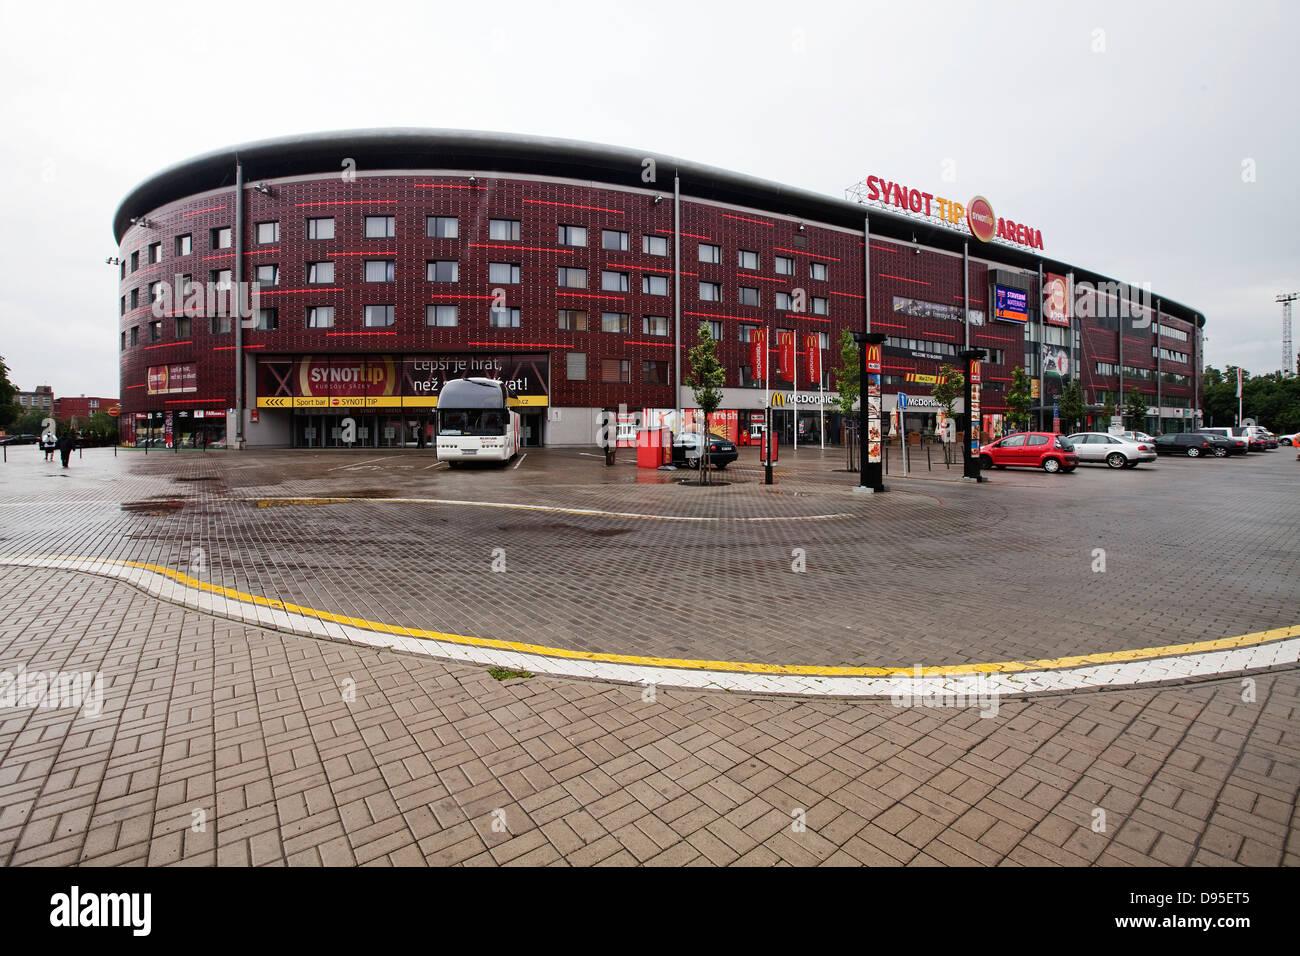 Sk Slavia Image: Stade Eden Arena, Pointe Synot, SK Slavia Prague Banque D